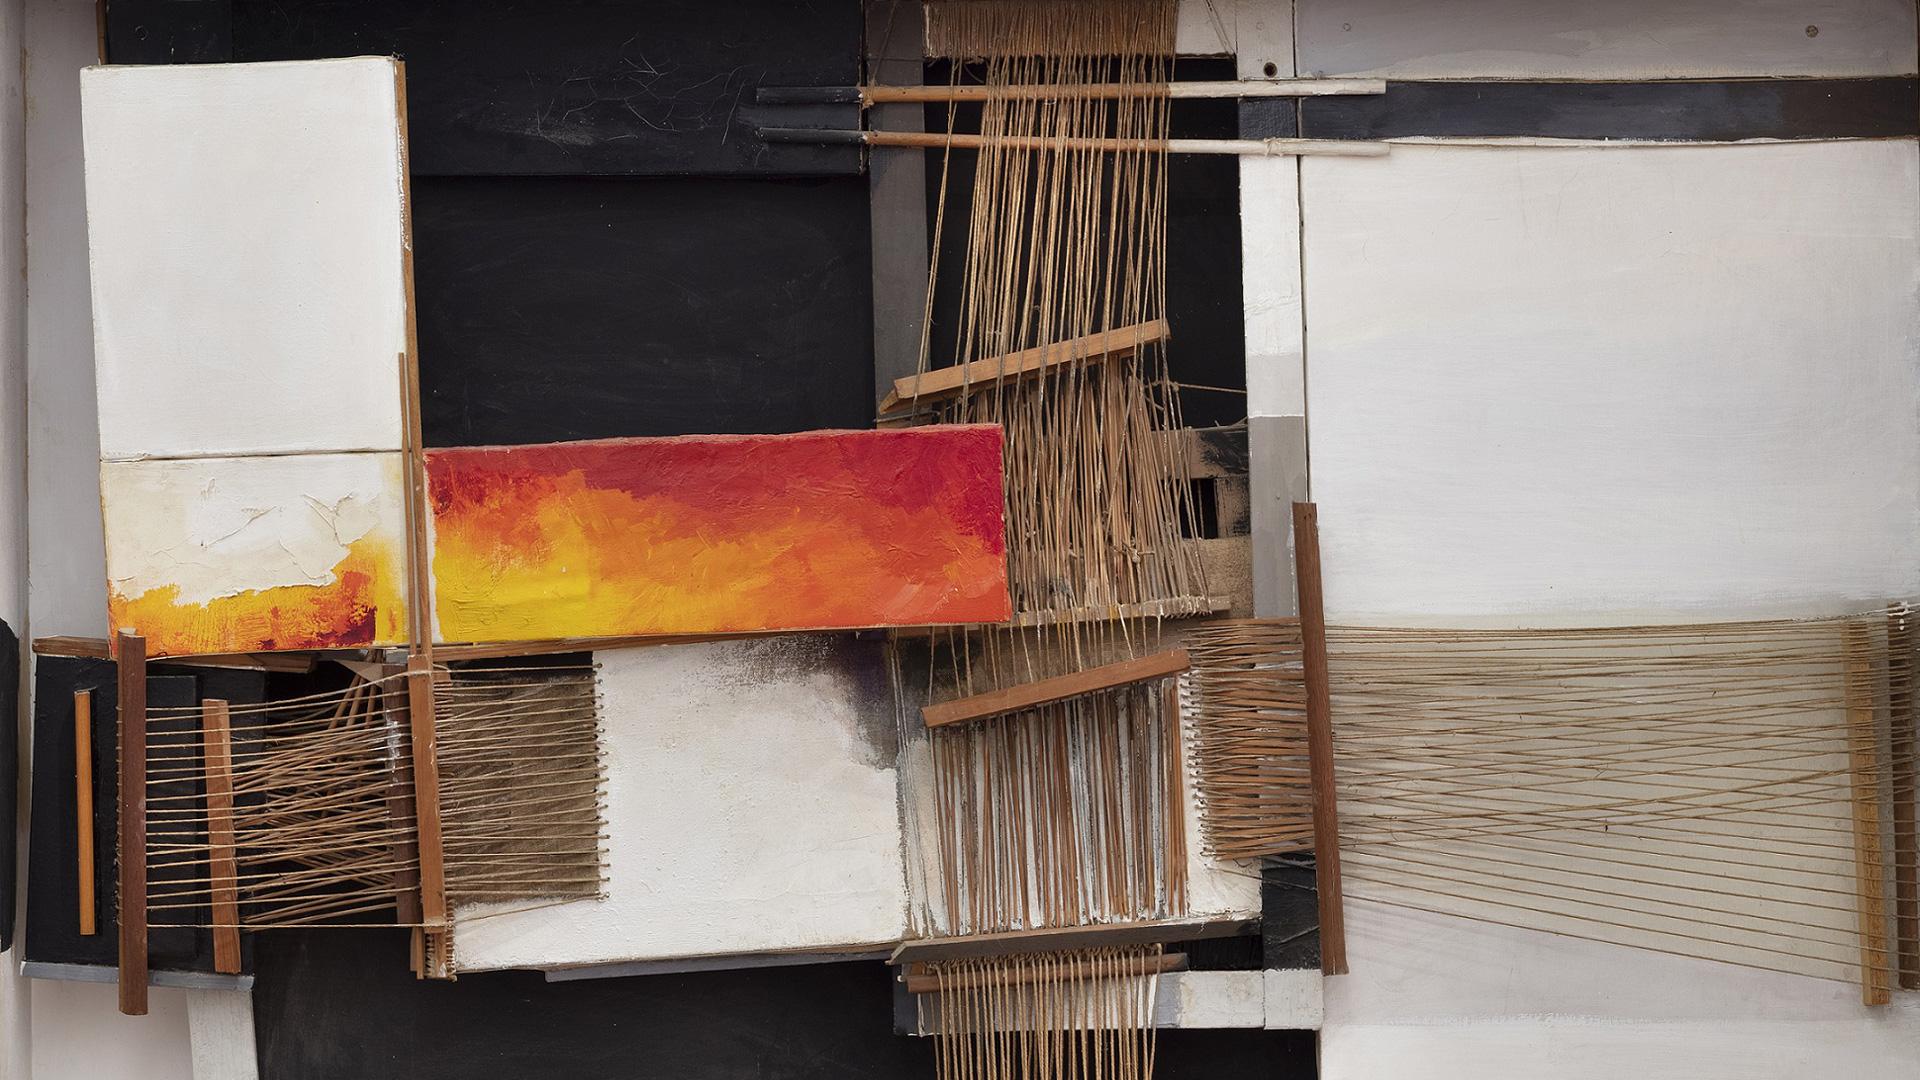 Telaio del meriggio, 1967, wood, twine, canvas, paint, 100 x 153 x 20 cm, Collezione Fondazione Stazione dell'Arte | Holding the Sun by the Hand | Maria Lai | STIRworld